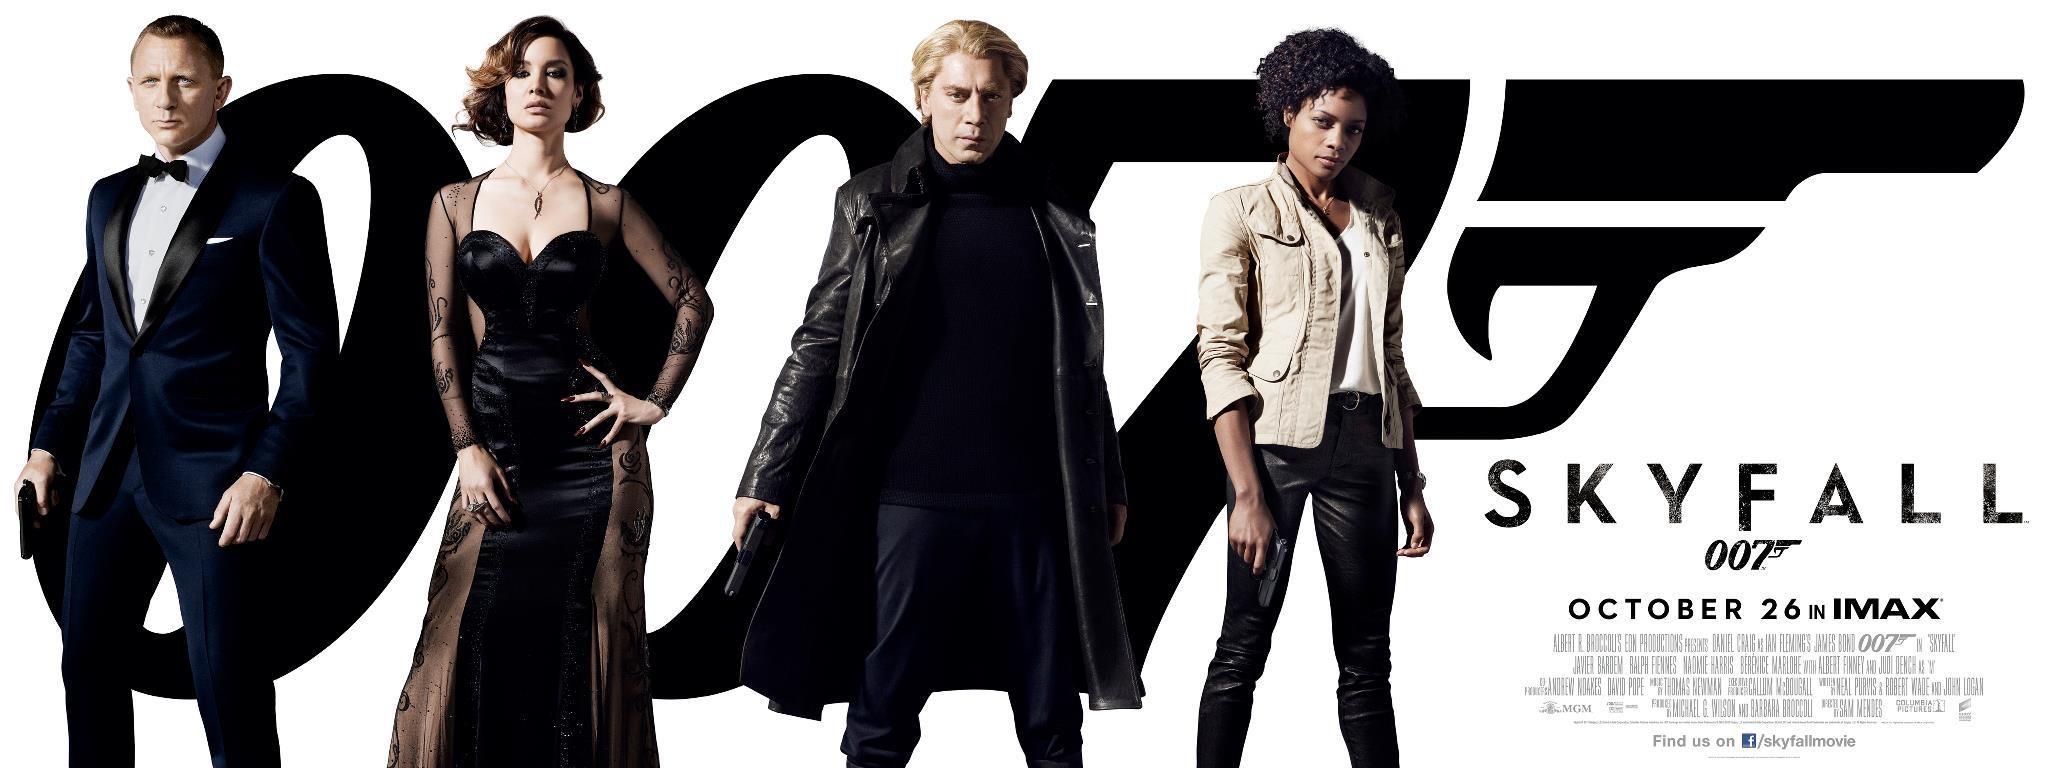 James Bond y nuevos personajes en los últimos posters de Skyfall